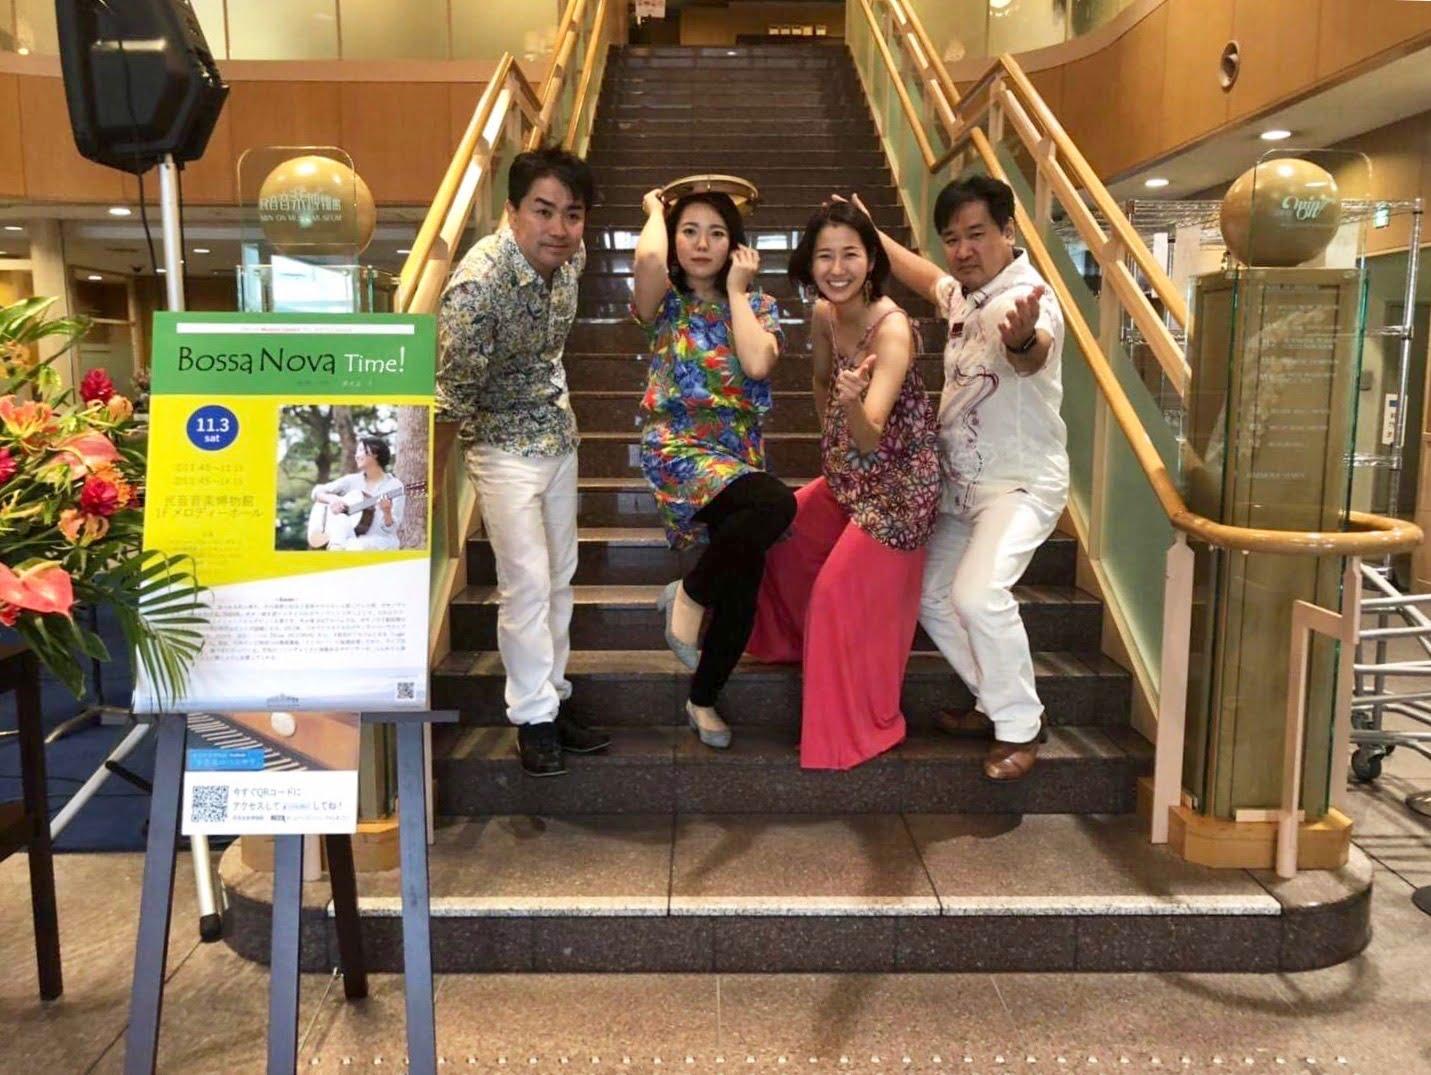 2018年・民音音楽博物館イベント演奏。左から:大森輝作(ベース)木川保奈美(パーカッション)Karen Tokita、川満直哉(フルート)